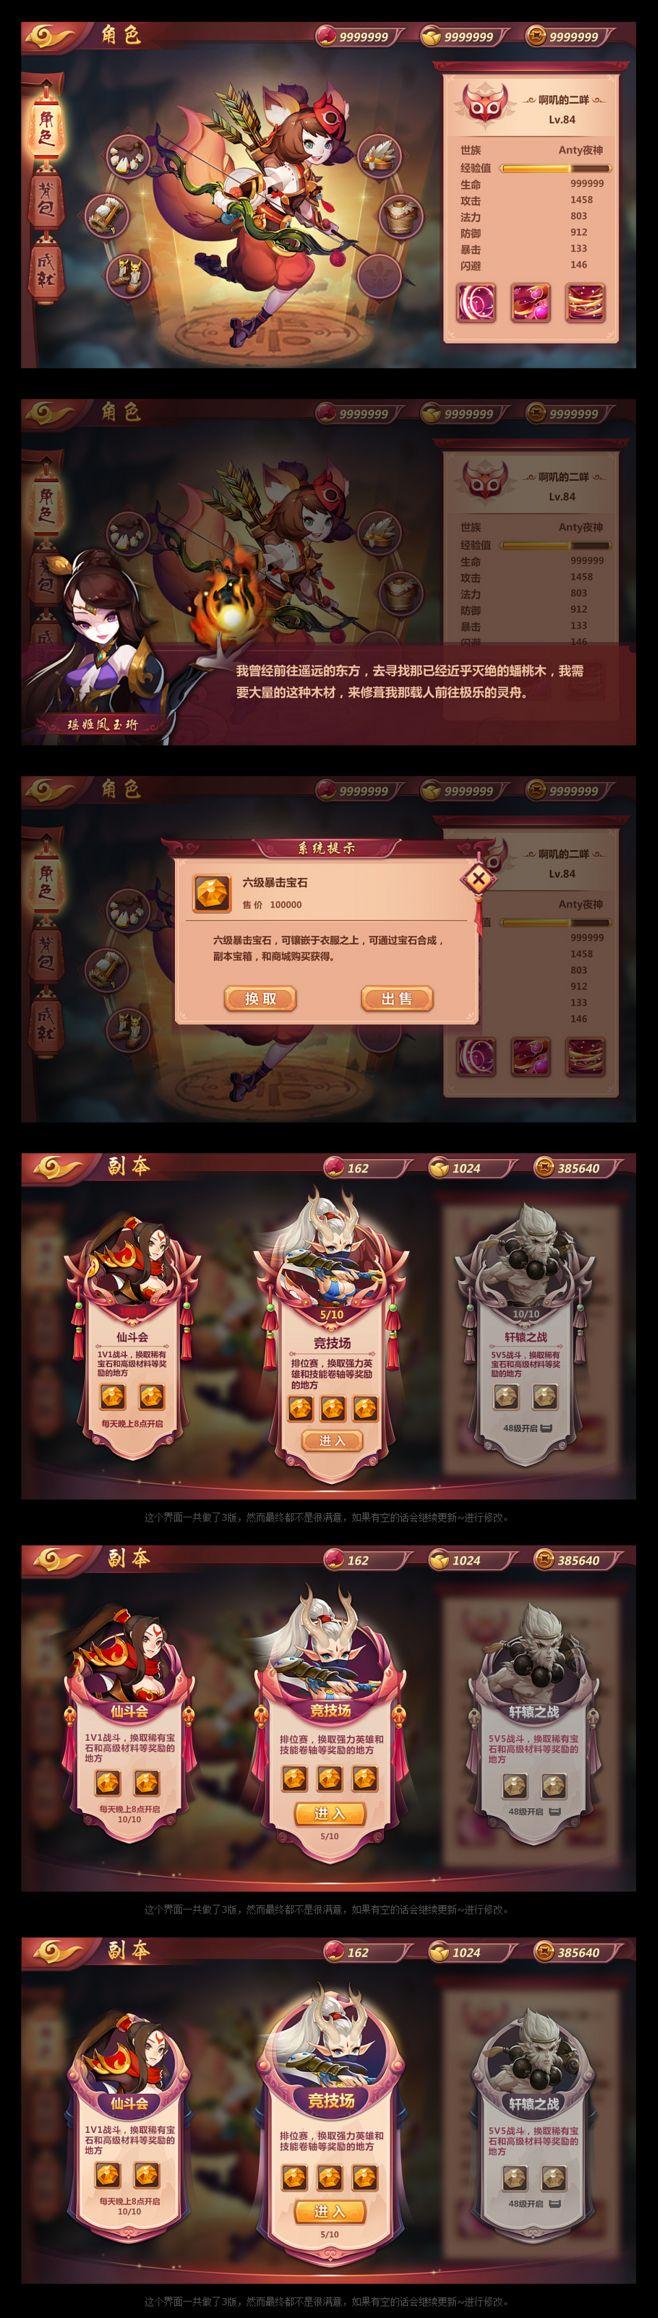 2016中国风UI设计 游戏UI UI ...